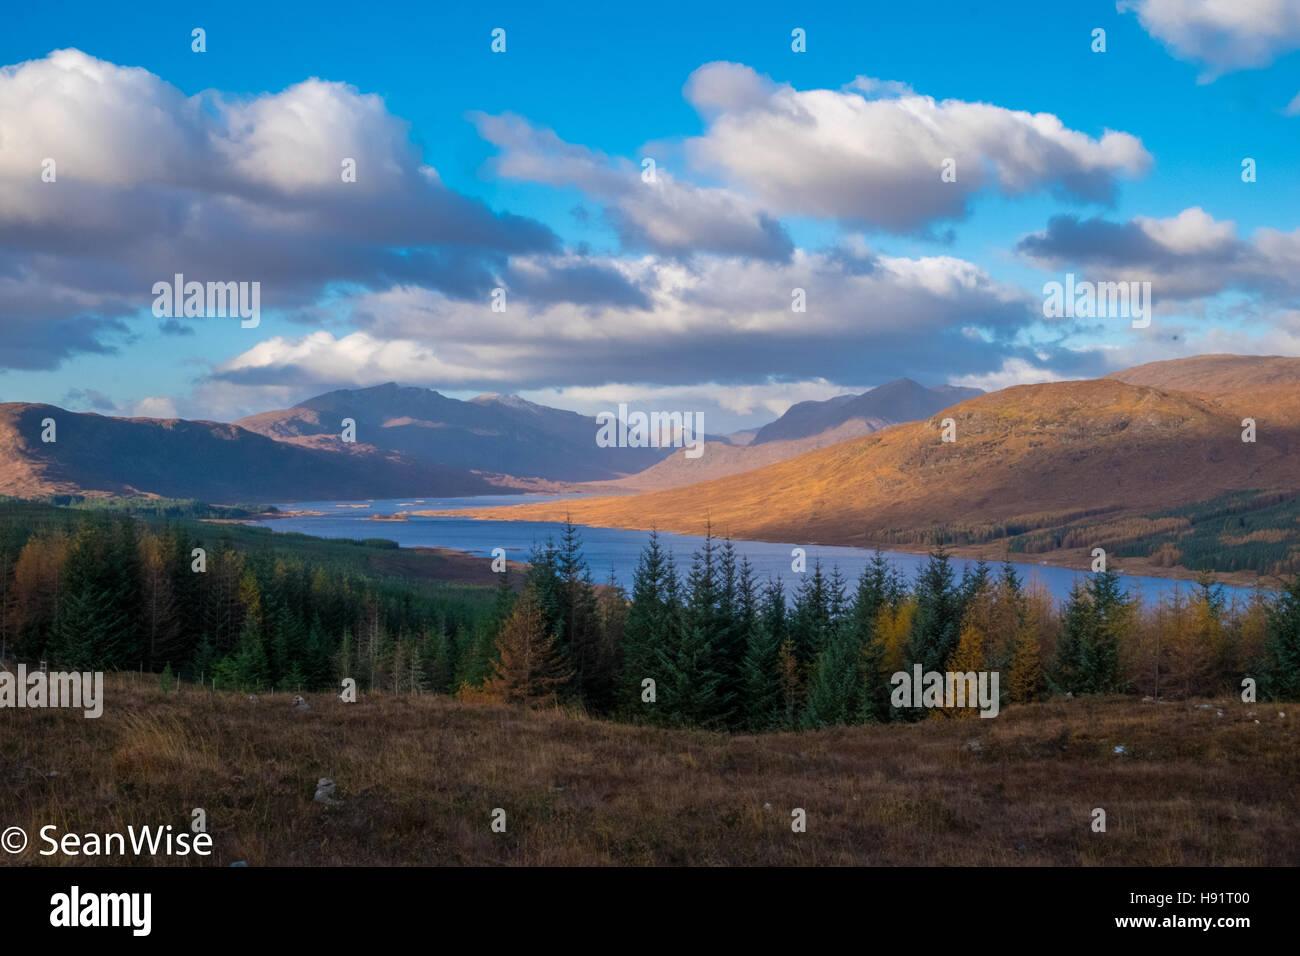 Western Scottish Highlands - Stock Image